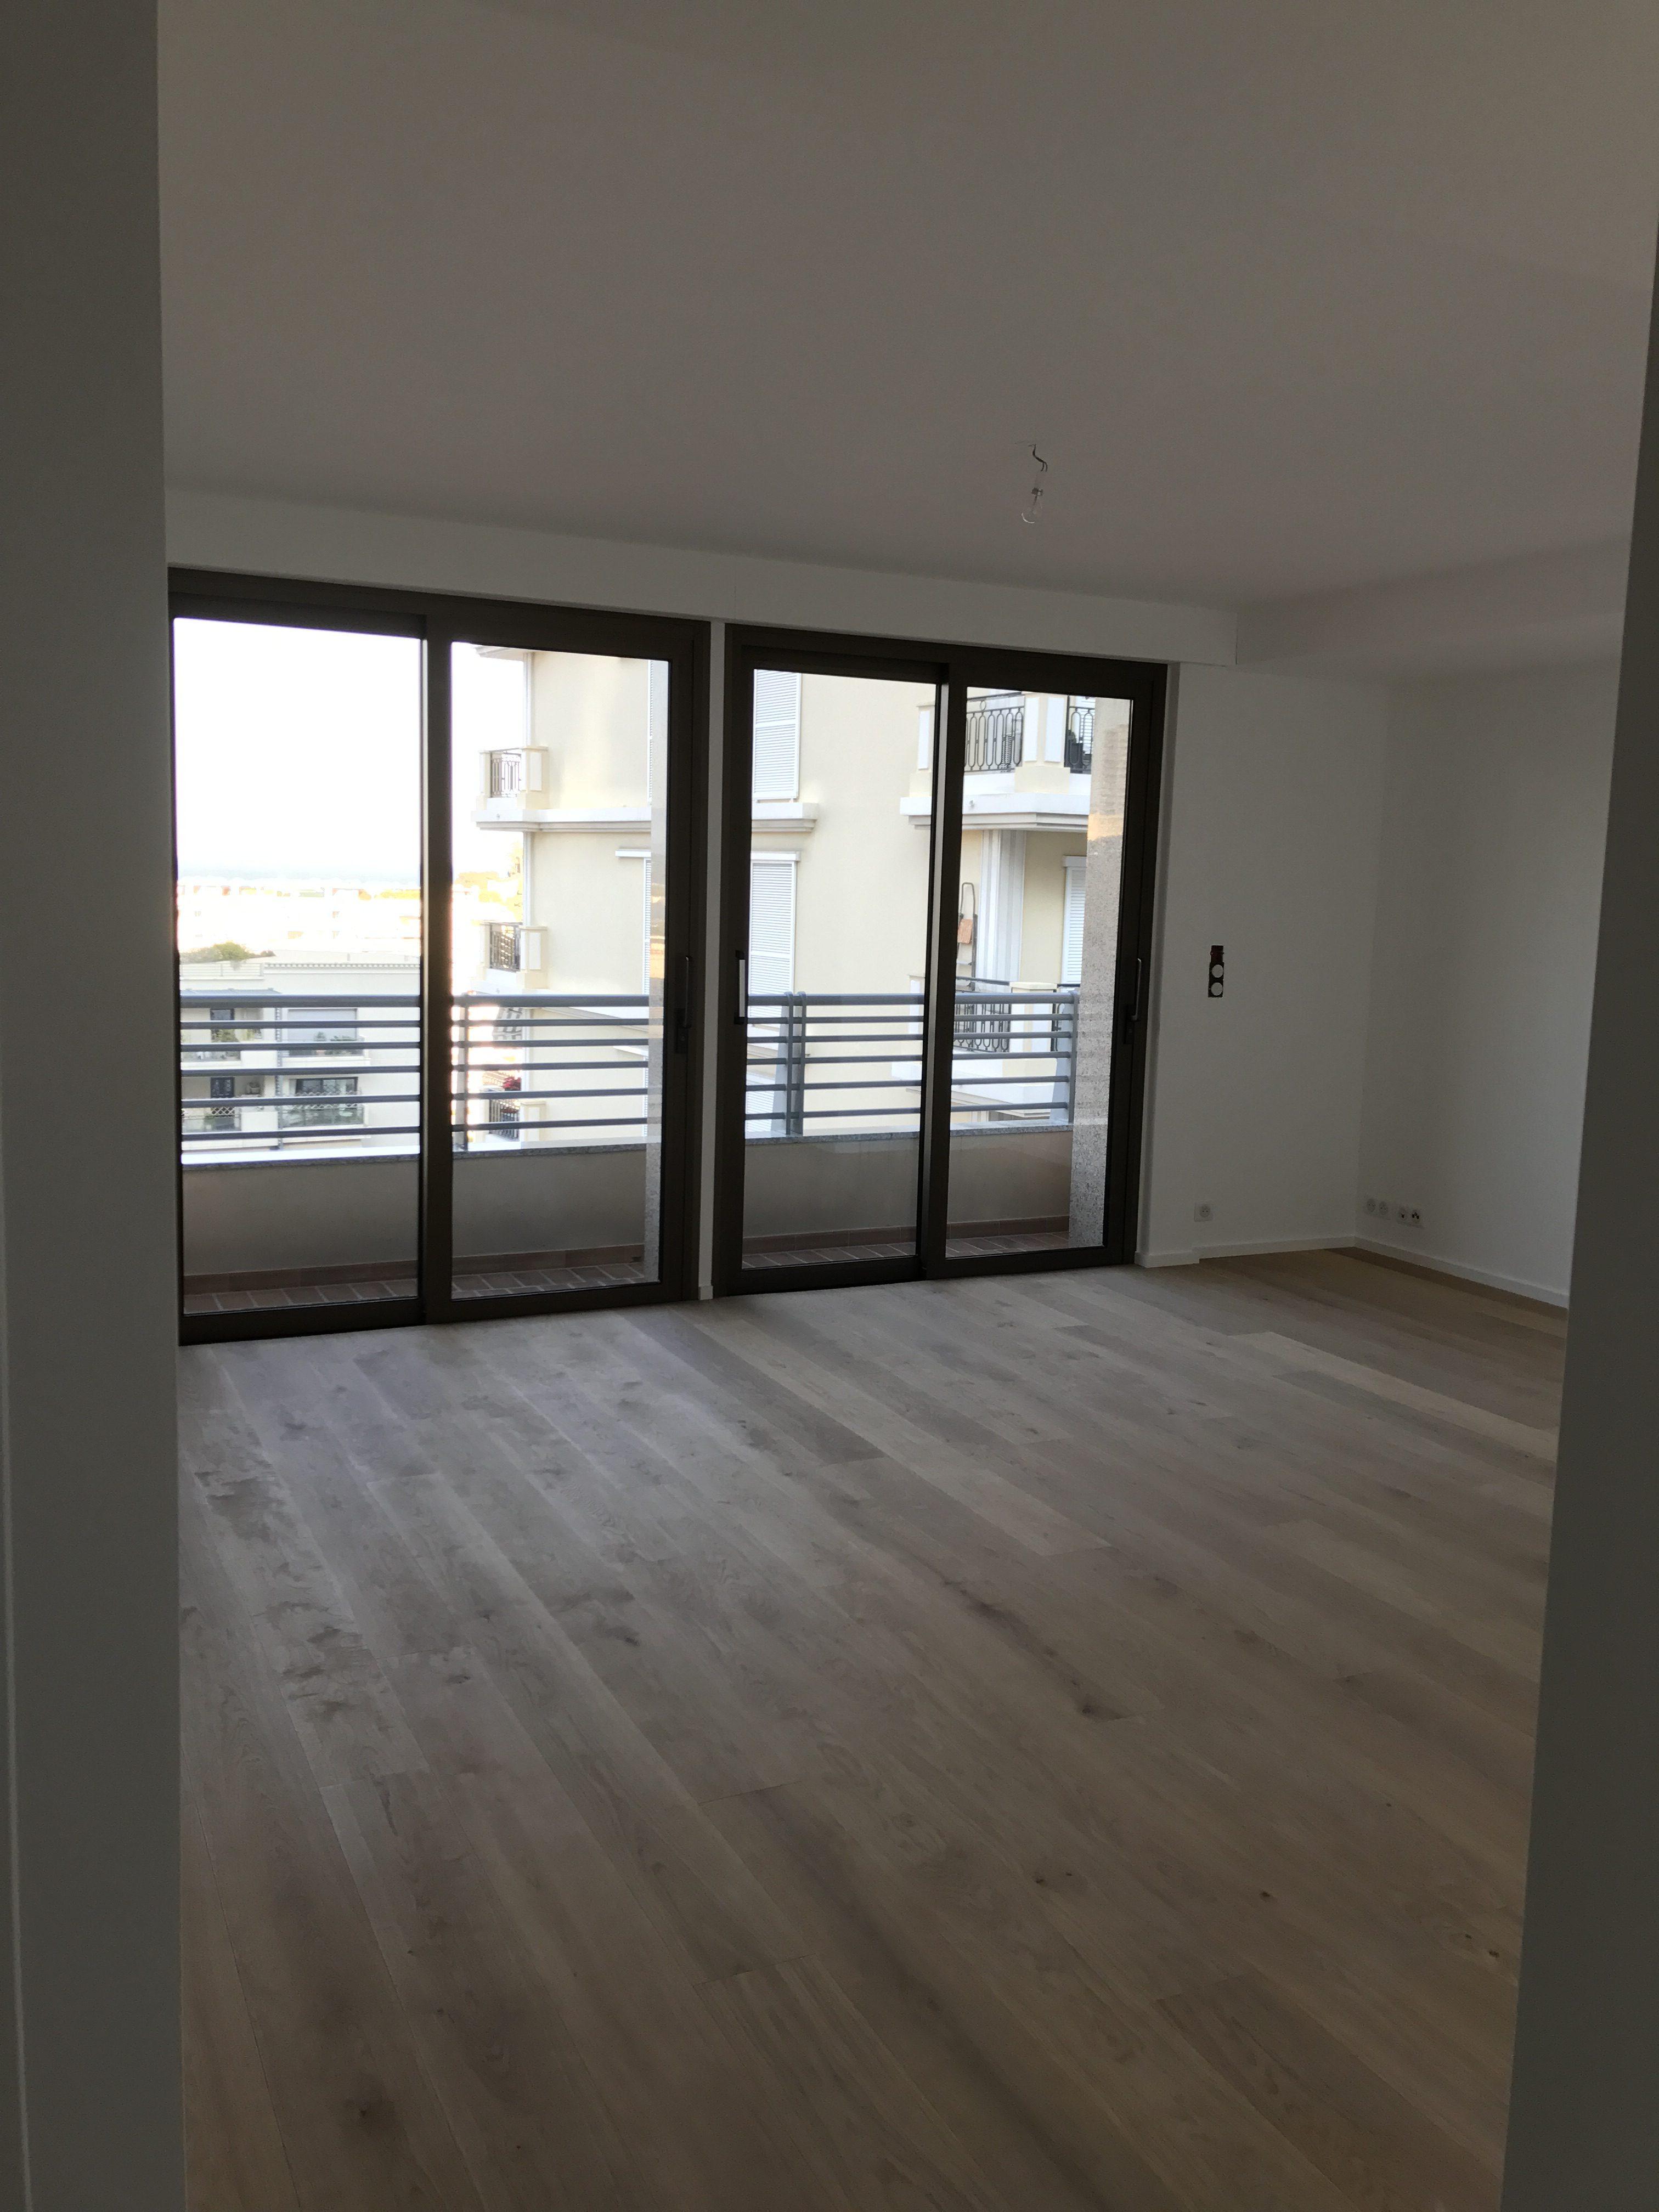 LA FELOUQUE MONACO - Rénovation complète d'un appartement de 70 m2 - Avril - Mai 2017